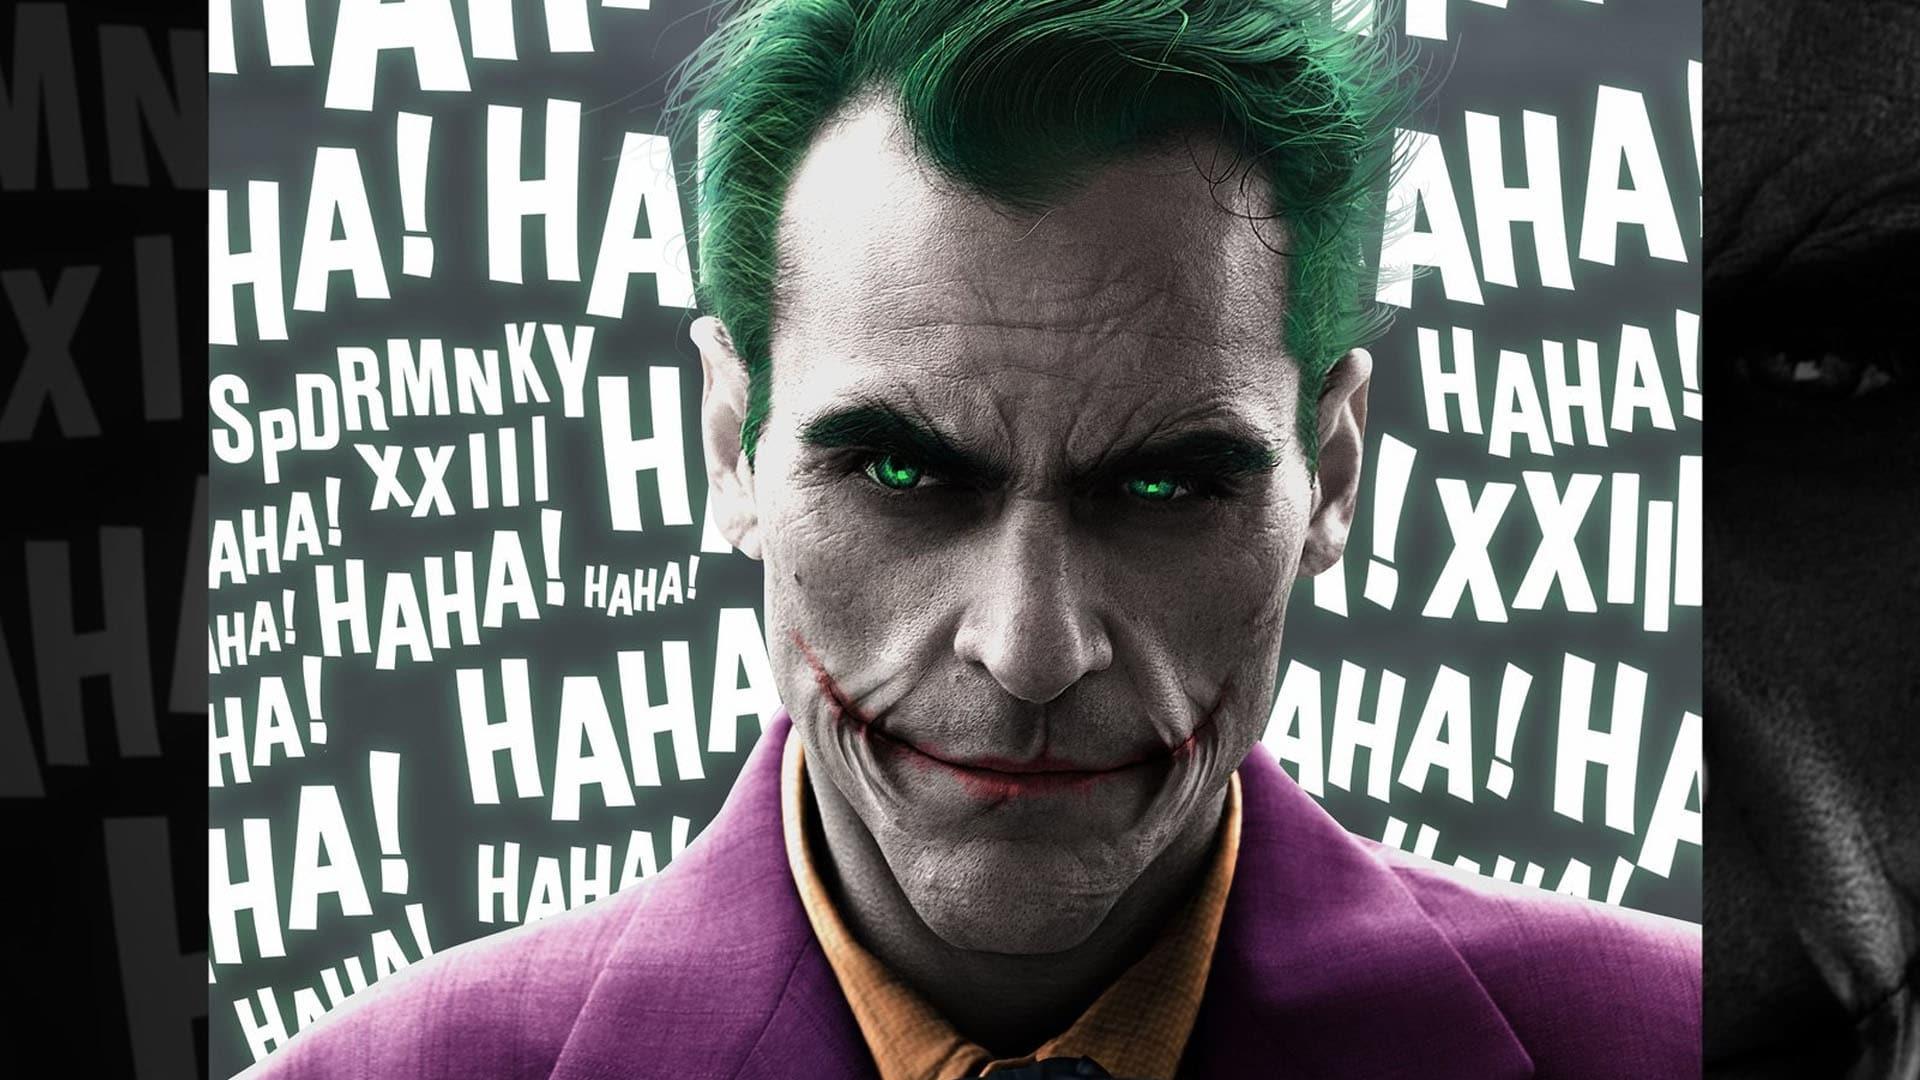 Joker projectnerd.it